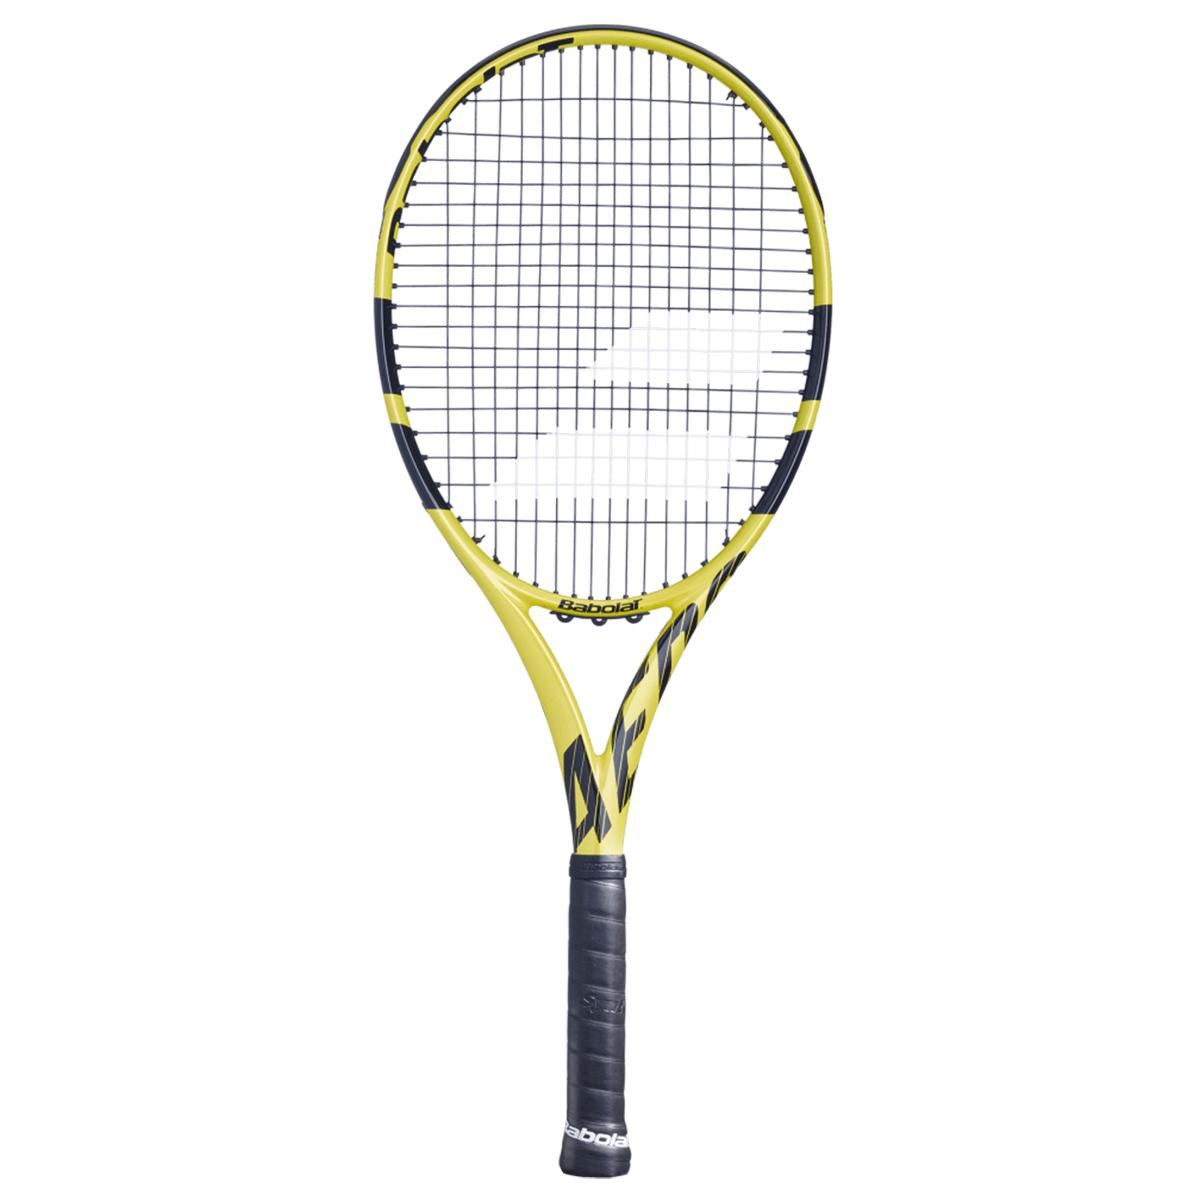 Ракетка для большого тенниса AERO G